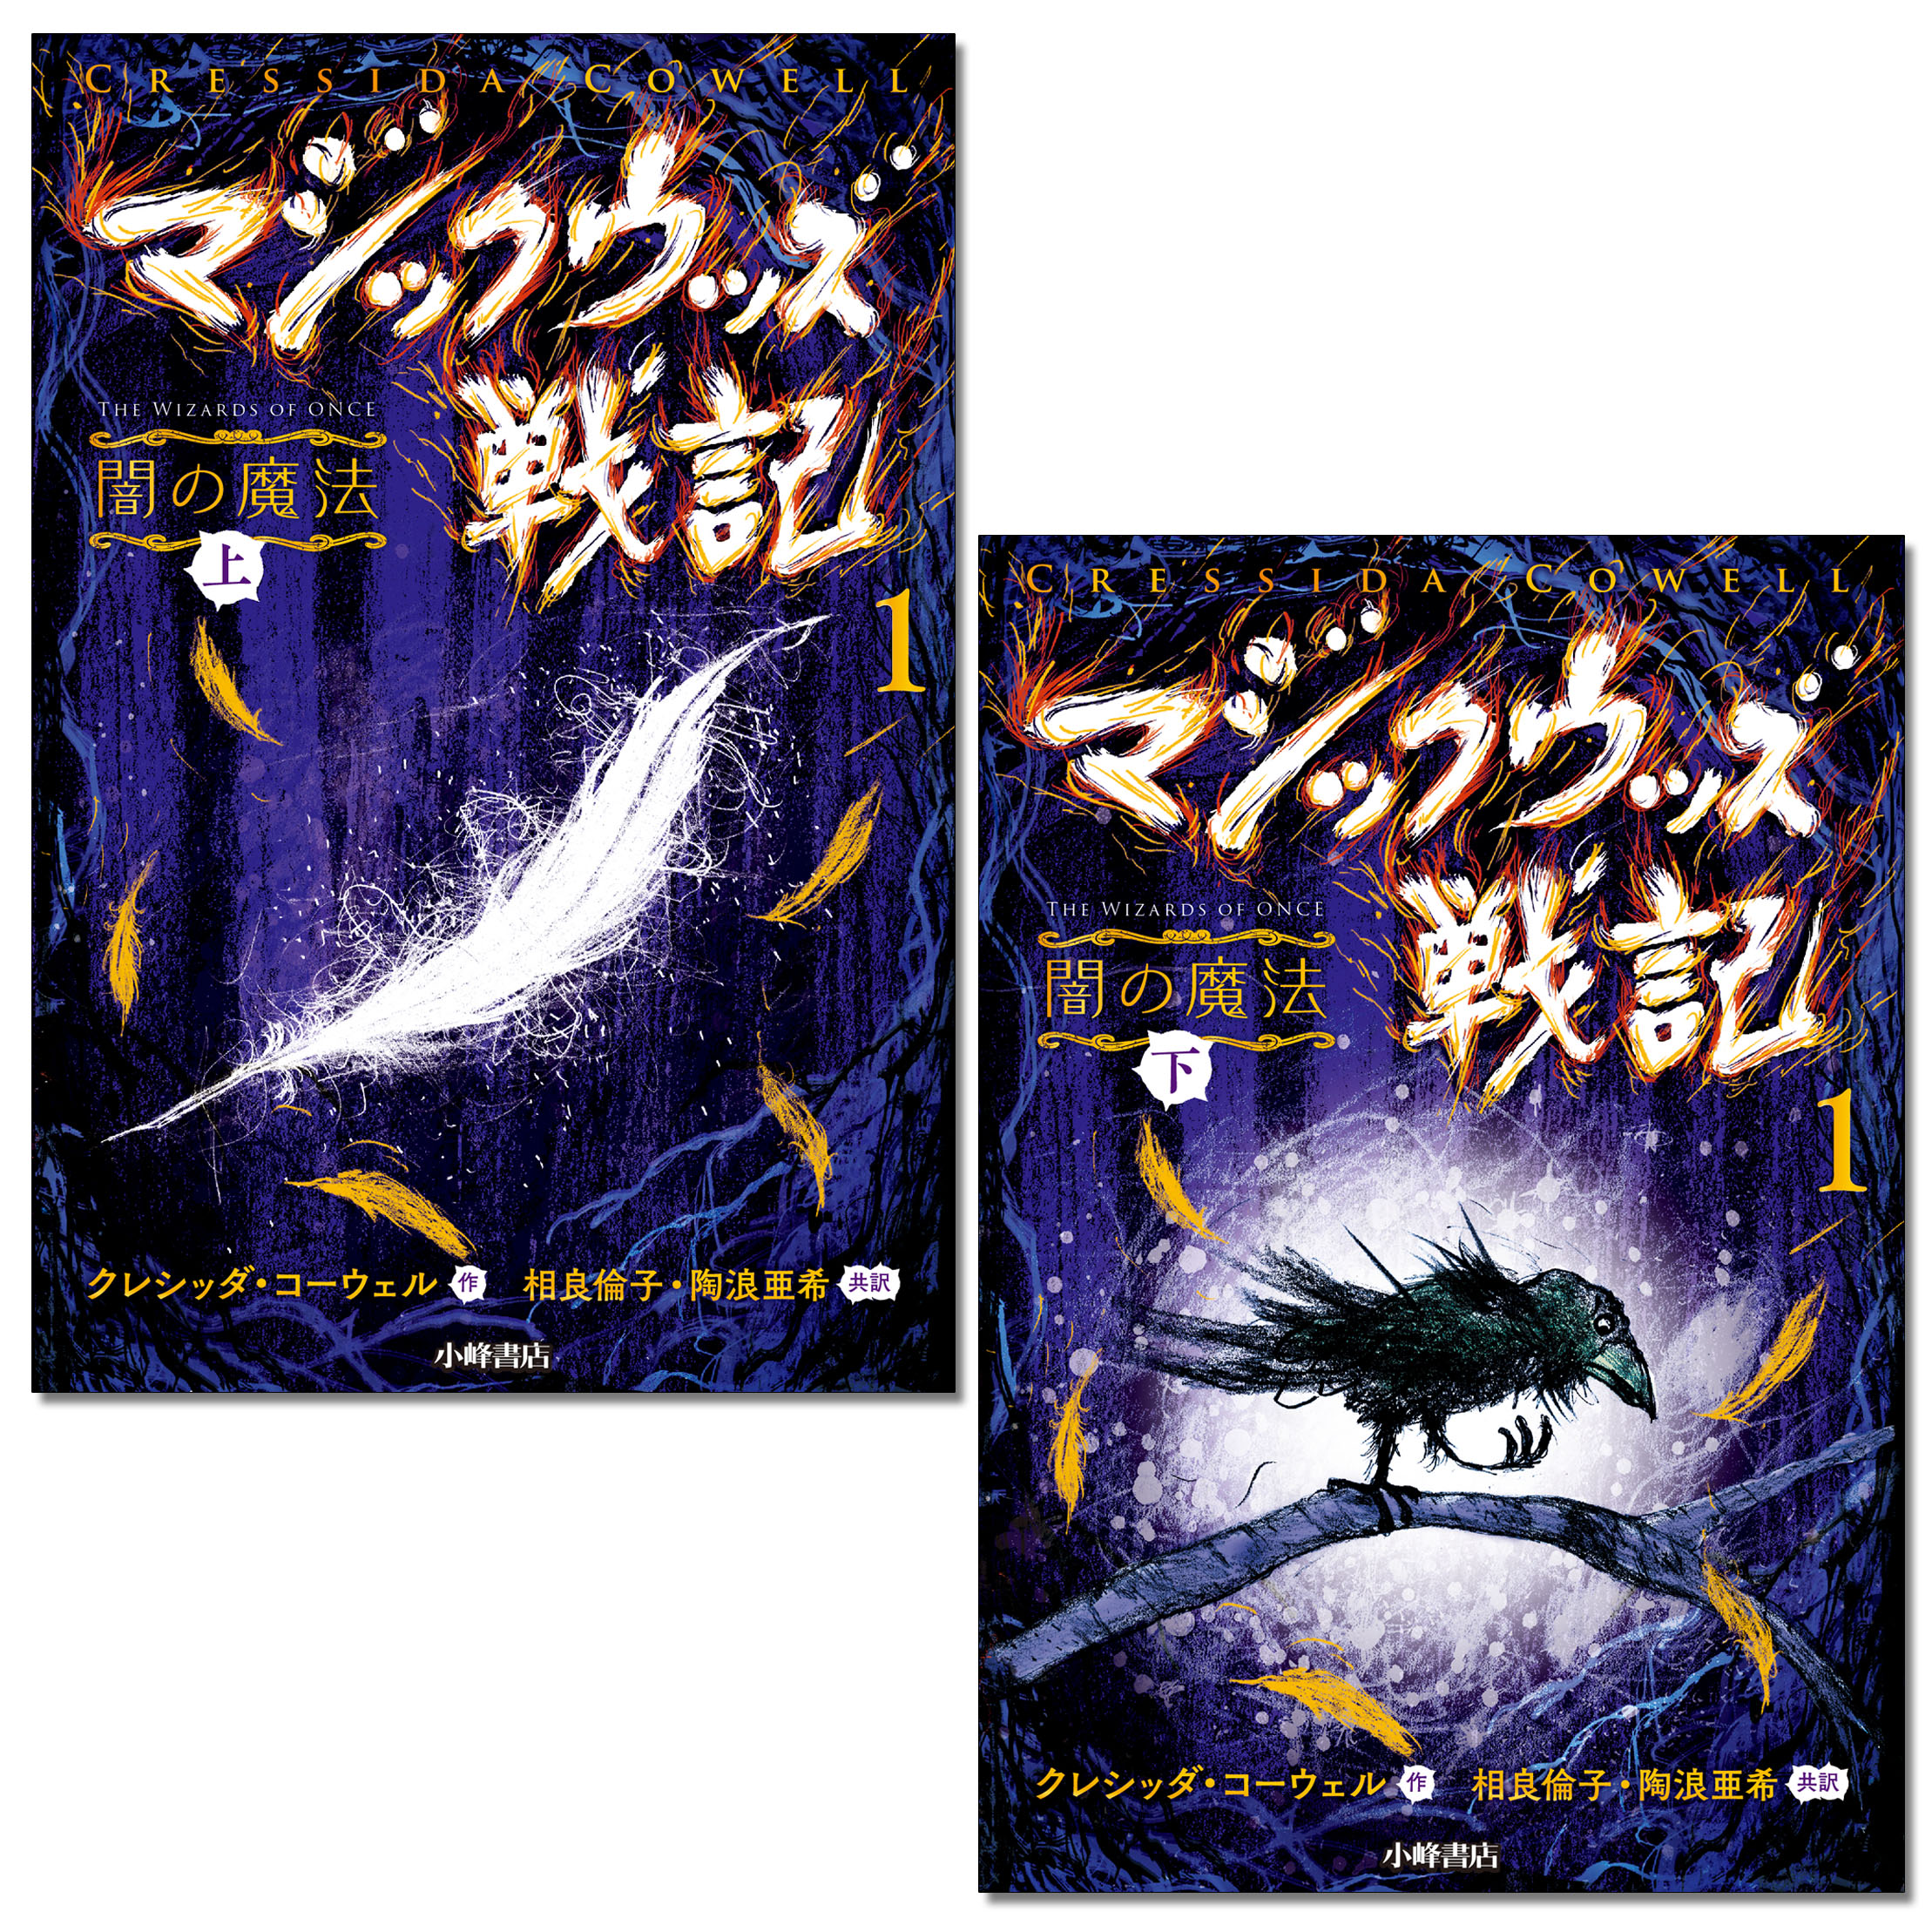 マジックウッズ戦記ー闇の魔法ー上下巻